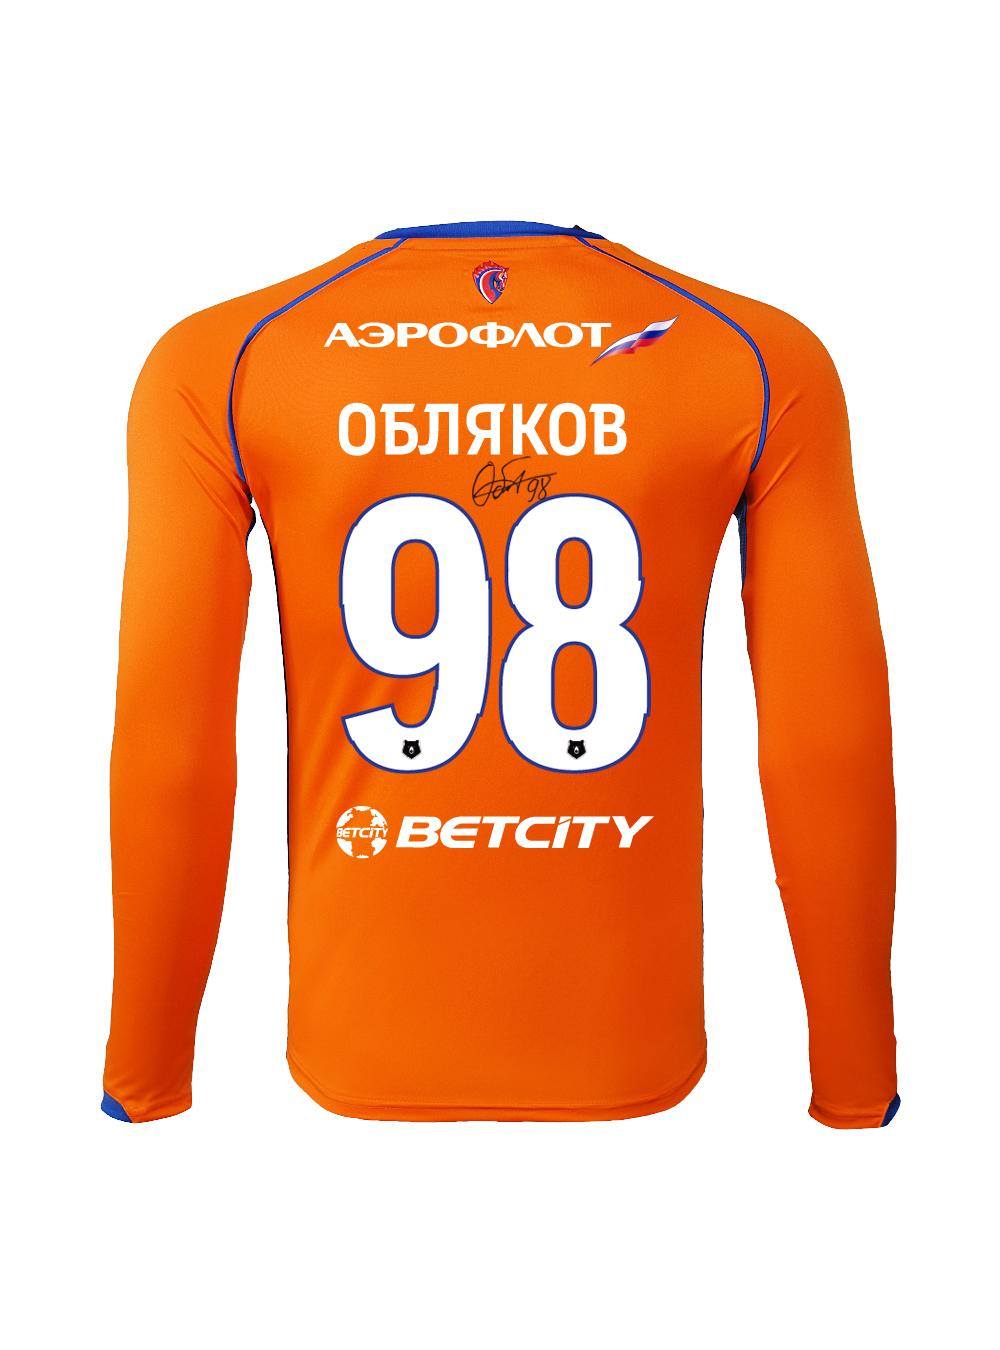 Футболка игровая резервная с длинным рукавом с автографом ОБЛЯКОВА (S)